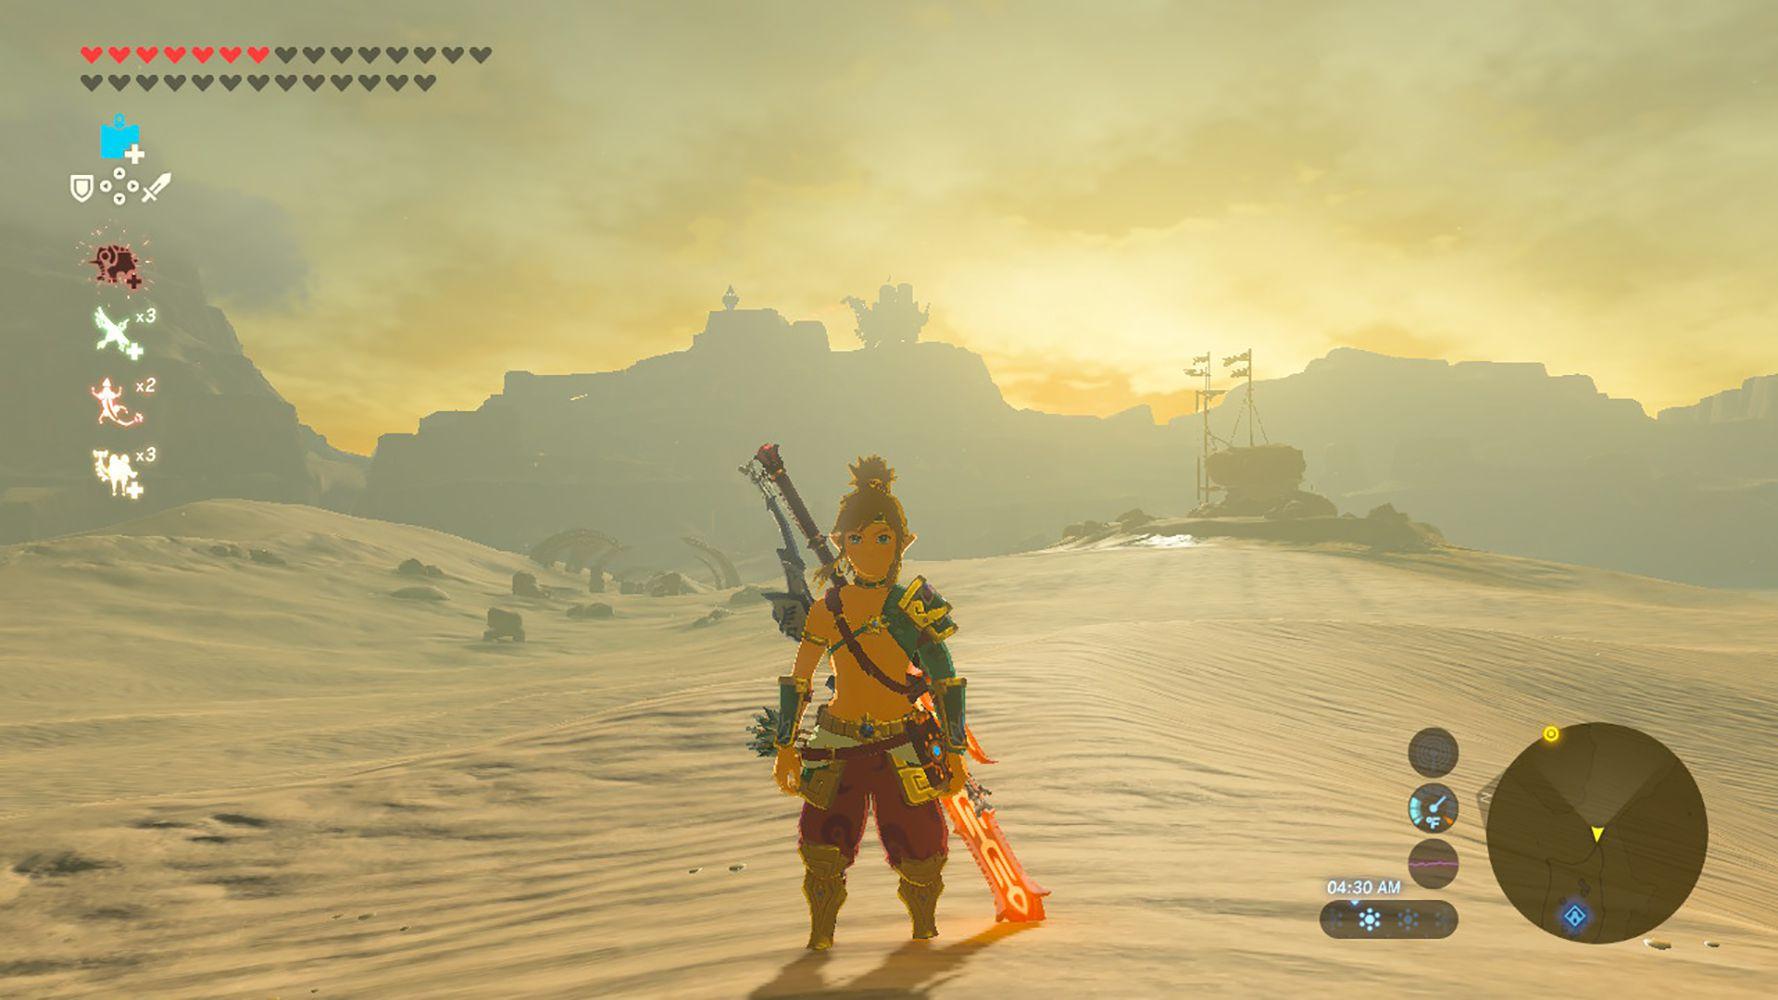 Screenshot of the Desert Doe Armor in Zelda: BOTW